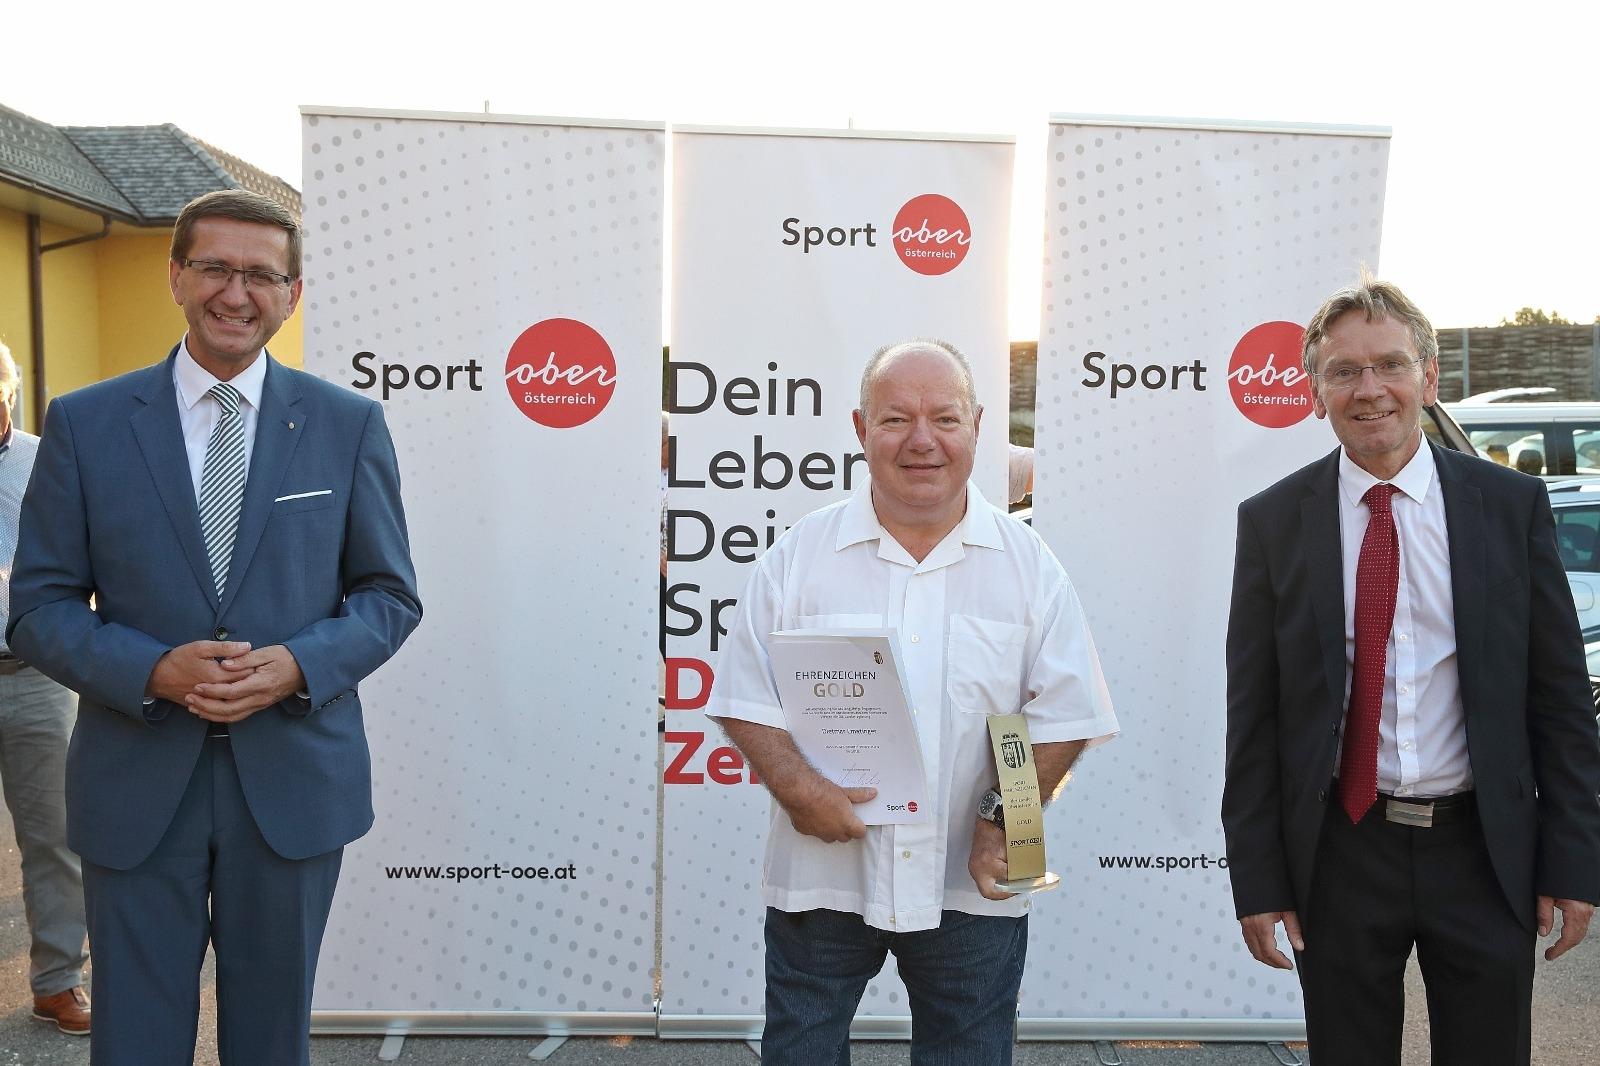 IEmatinger Dietmar, goldenes Ehrenzeichen